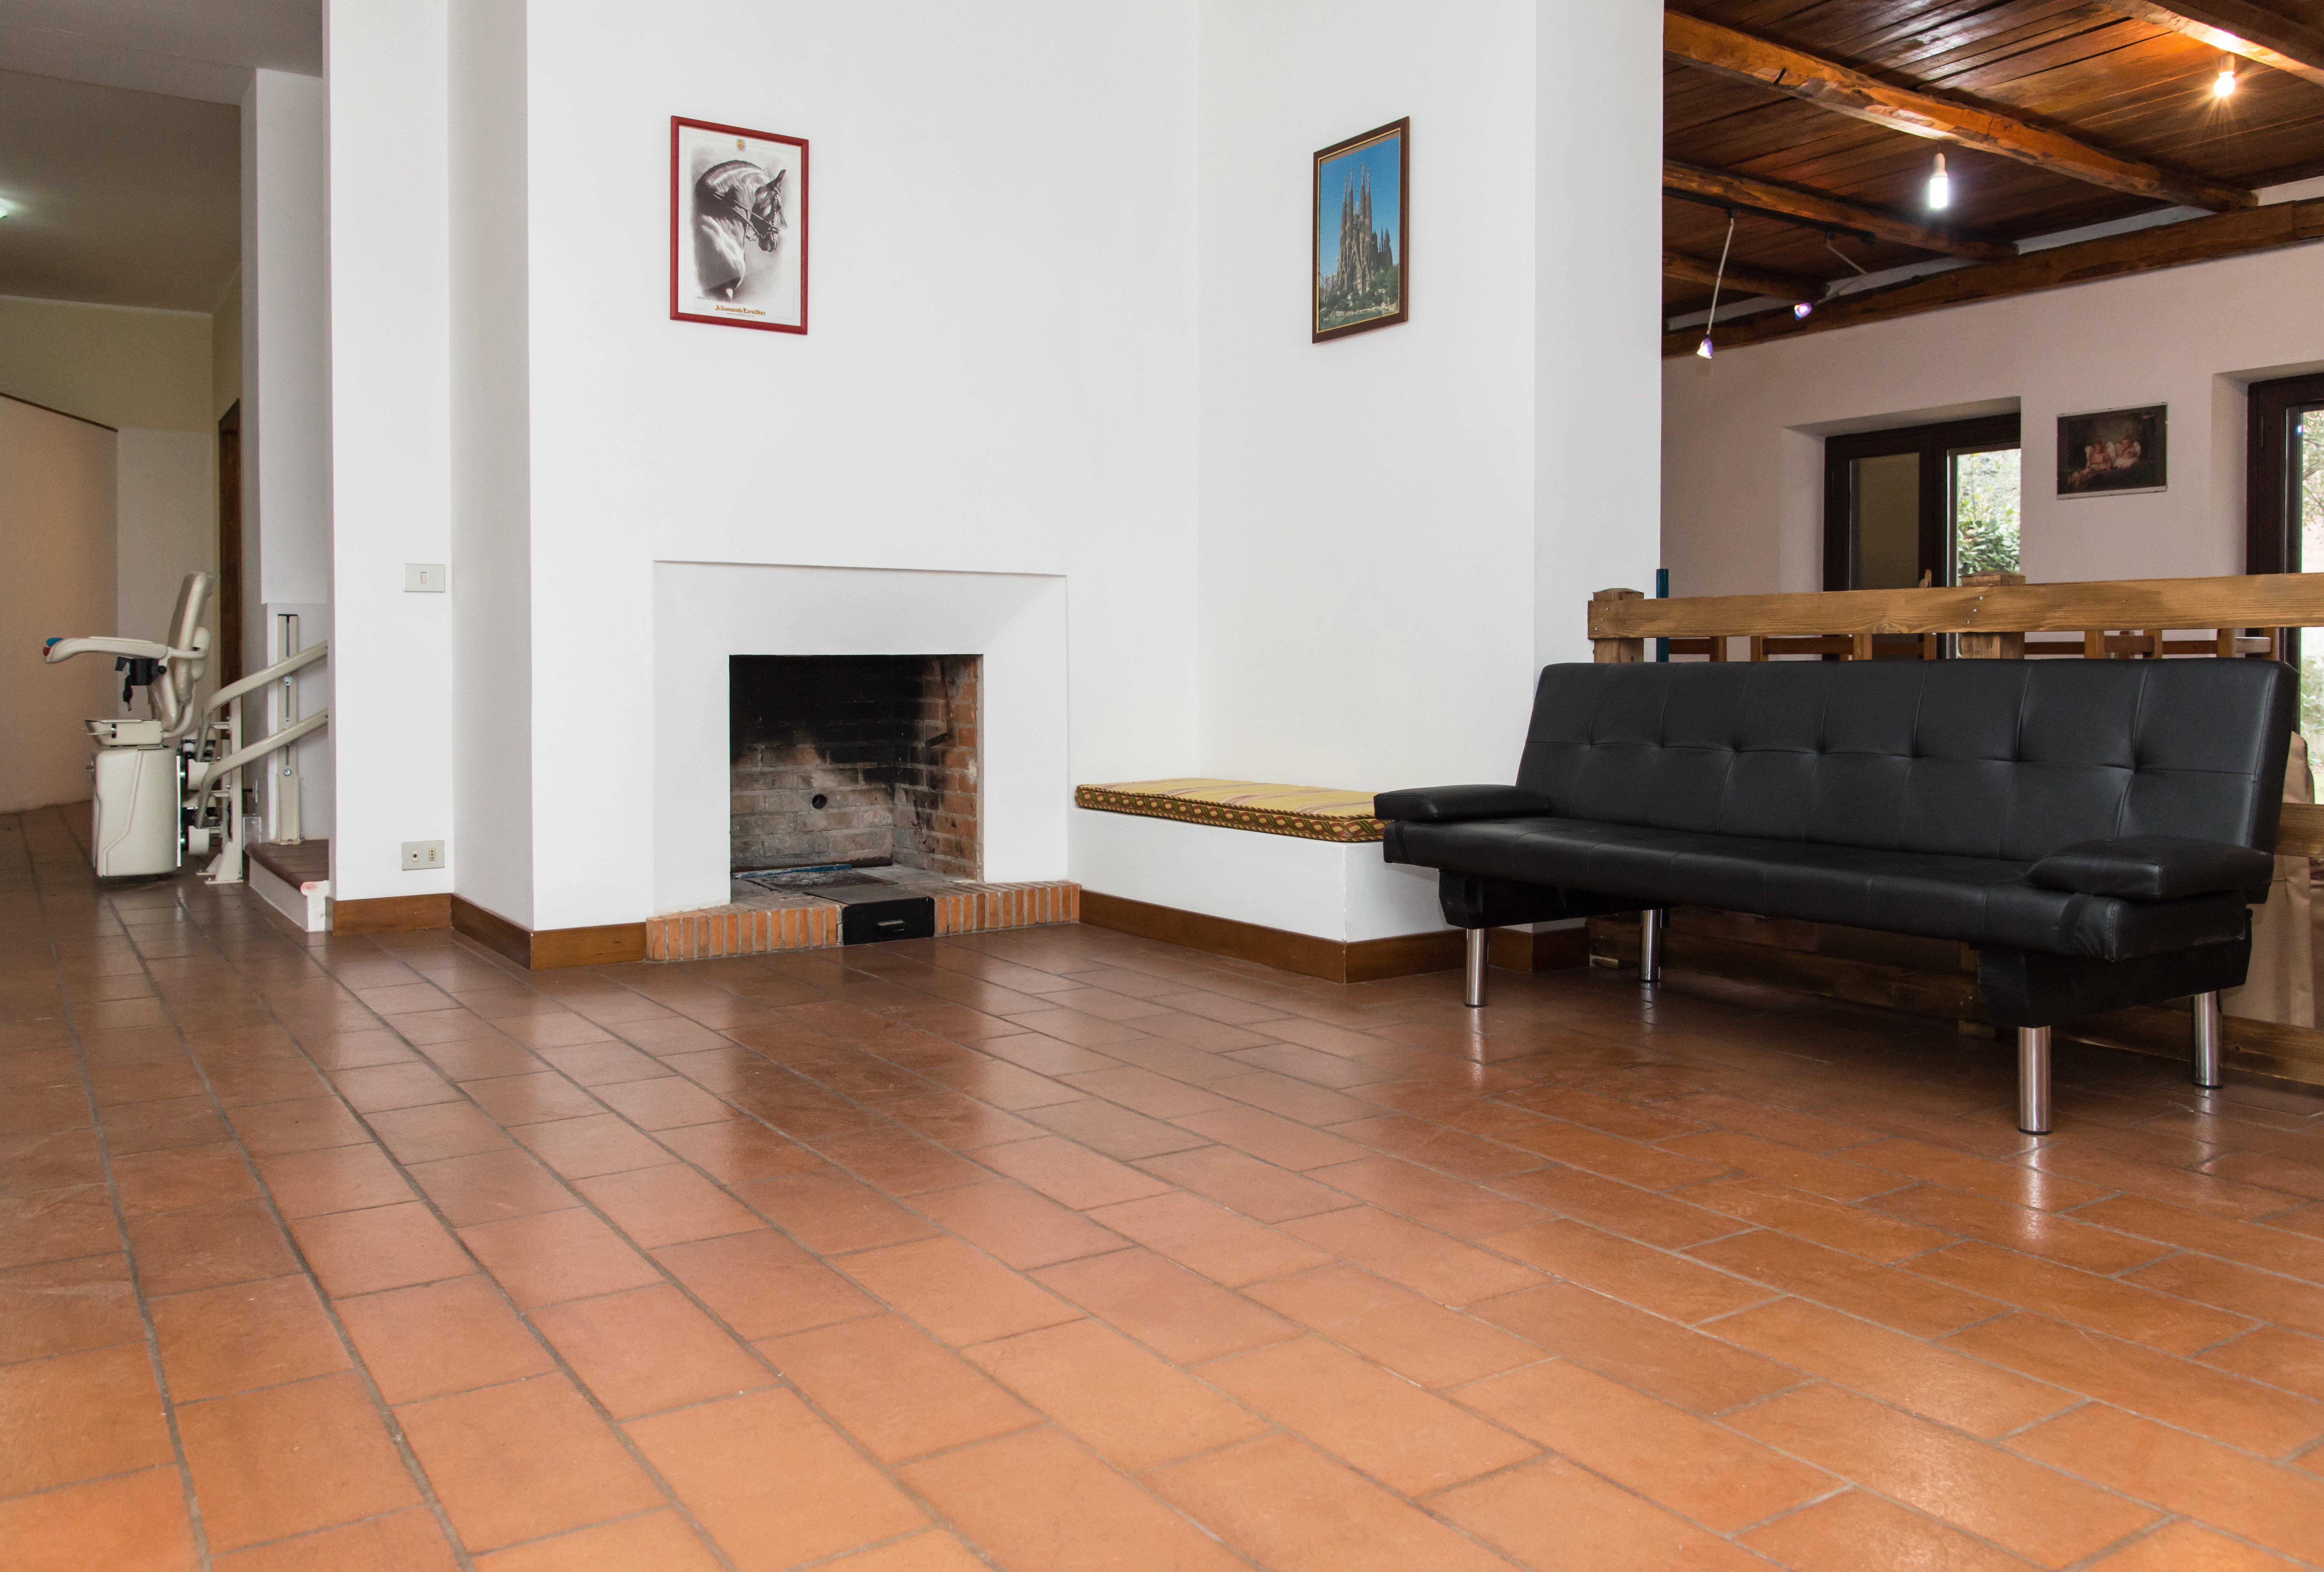 salone con divano nero